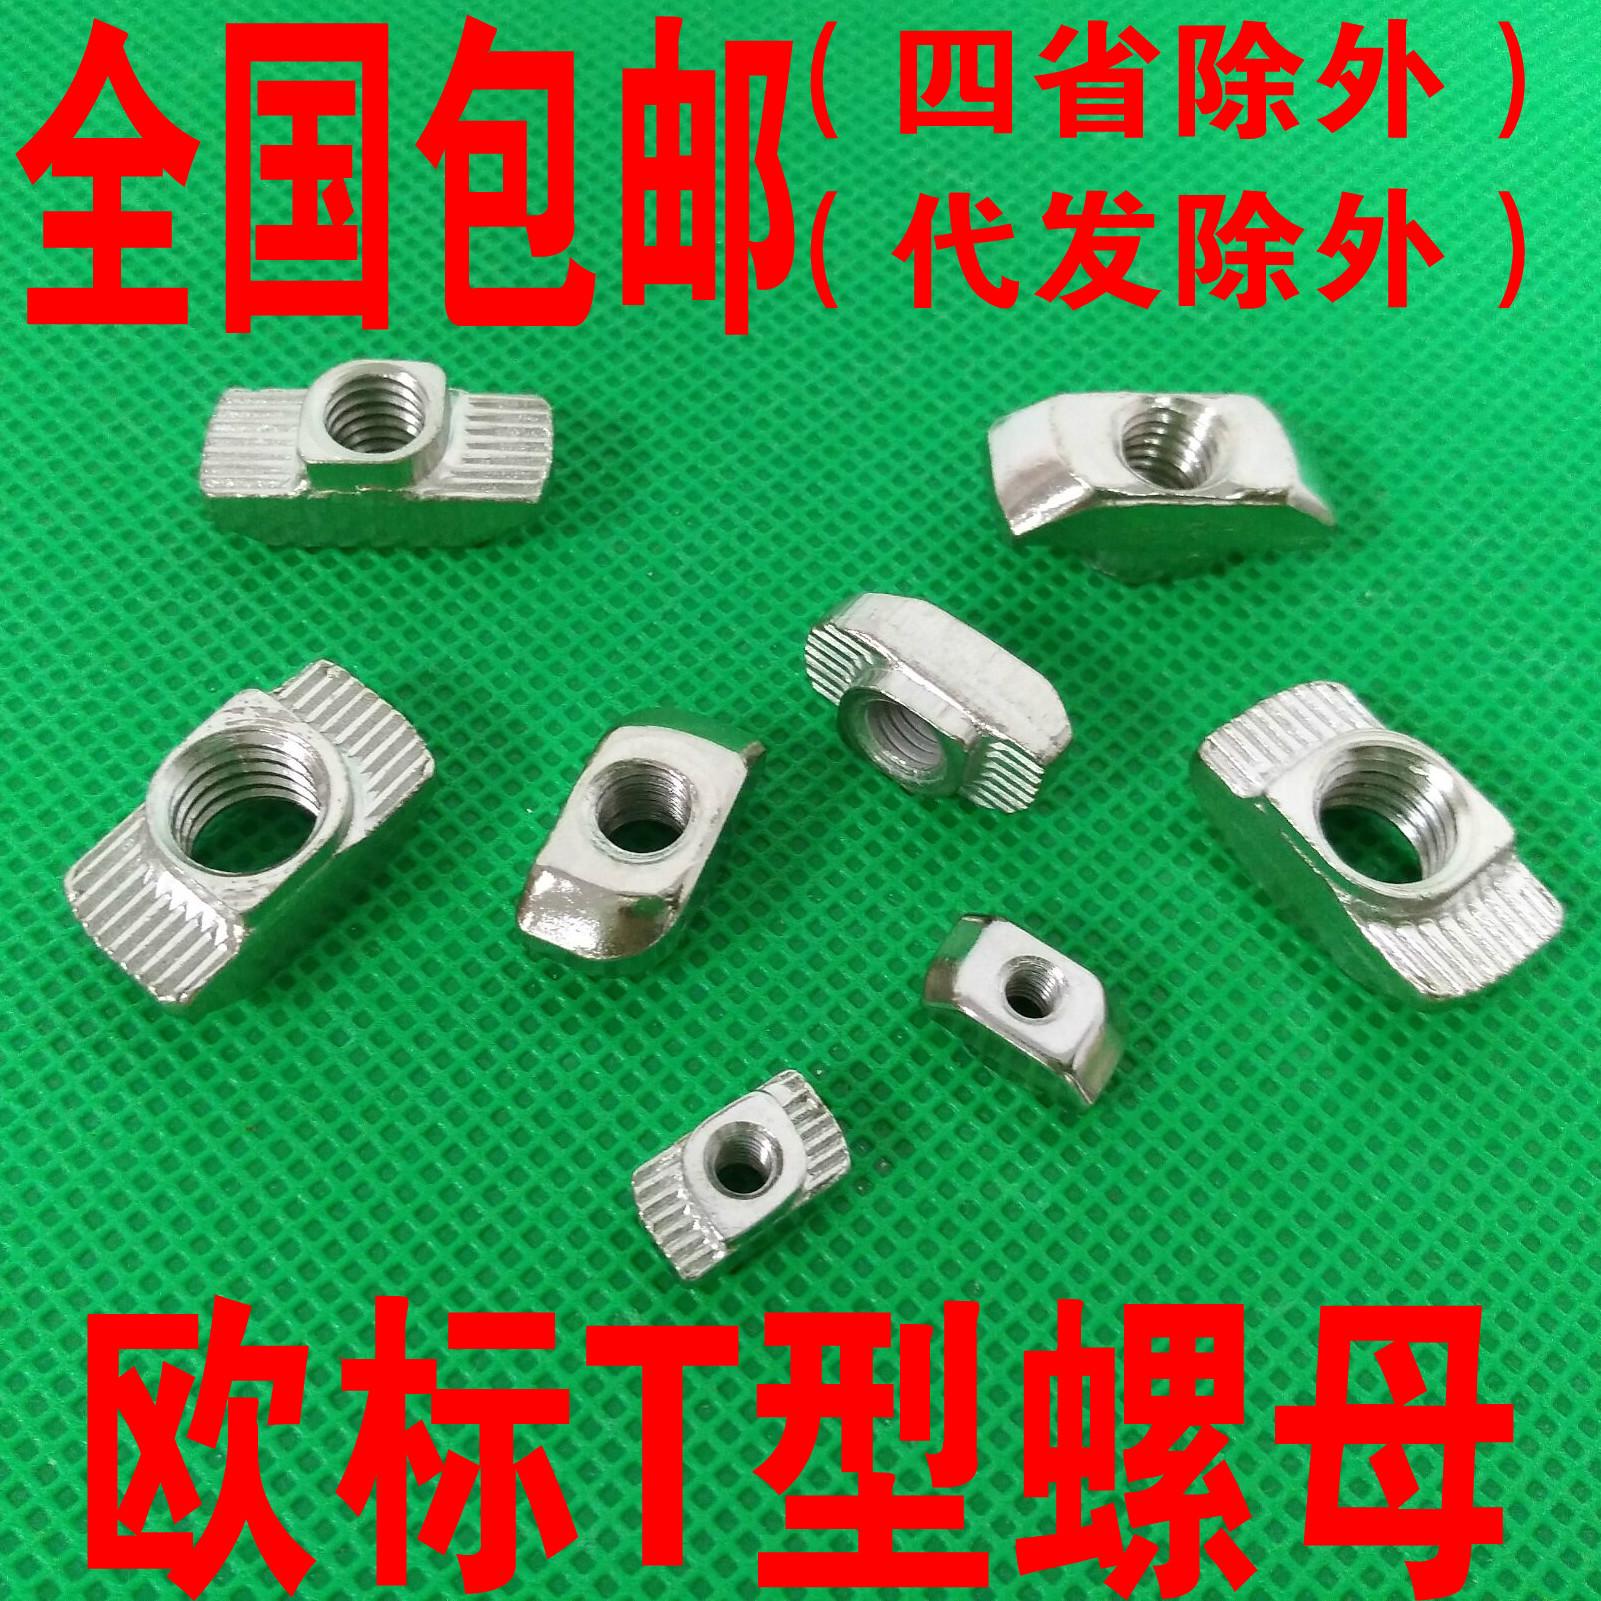 铝型材专用欧标T型螺母块 20/30/40/45型M3-M4-M5-M6-M8锤头船形